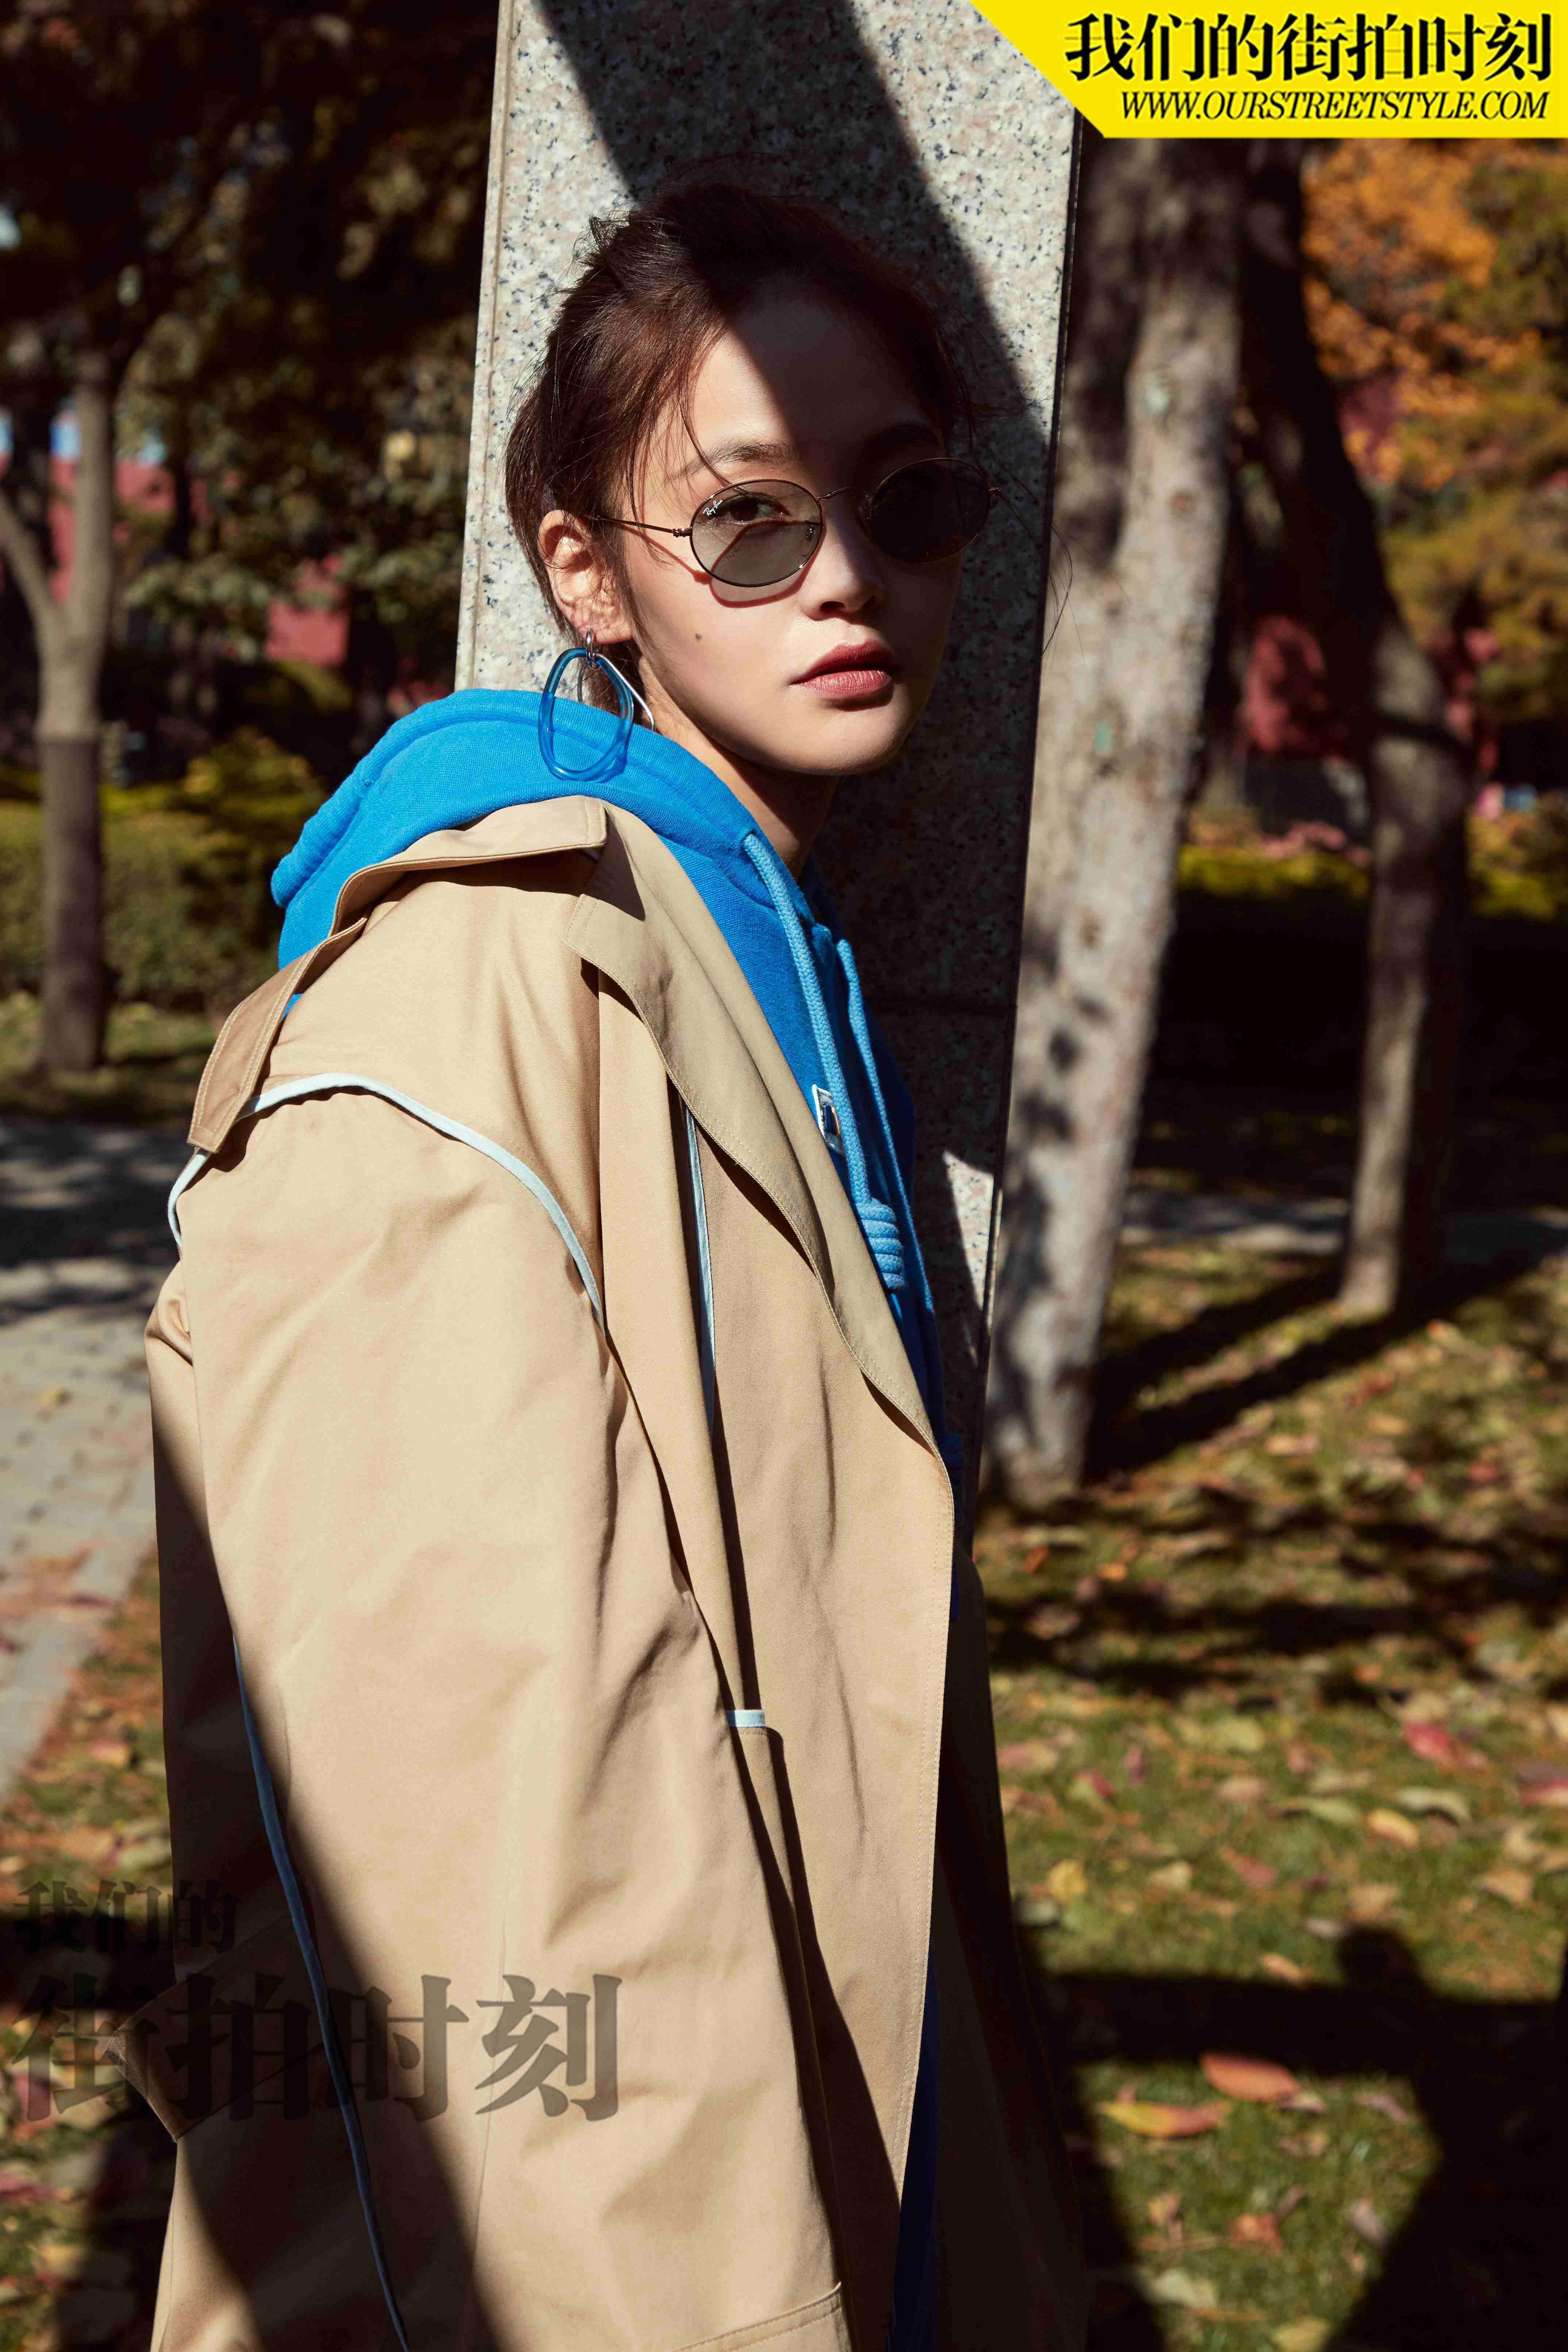 张佳宁《我们的街拍时刻》8.jpg